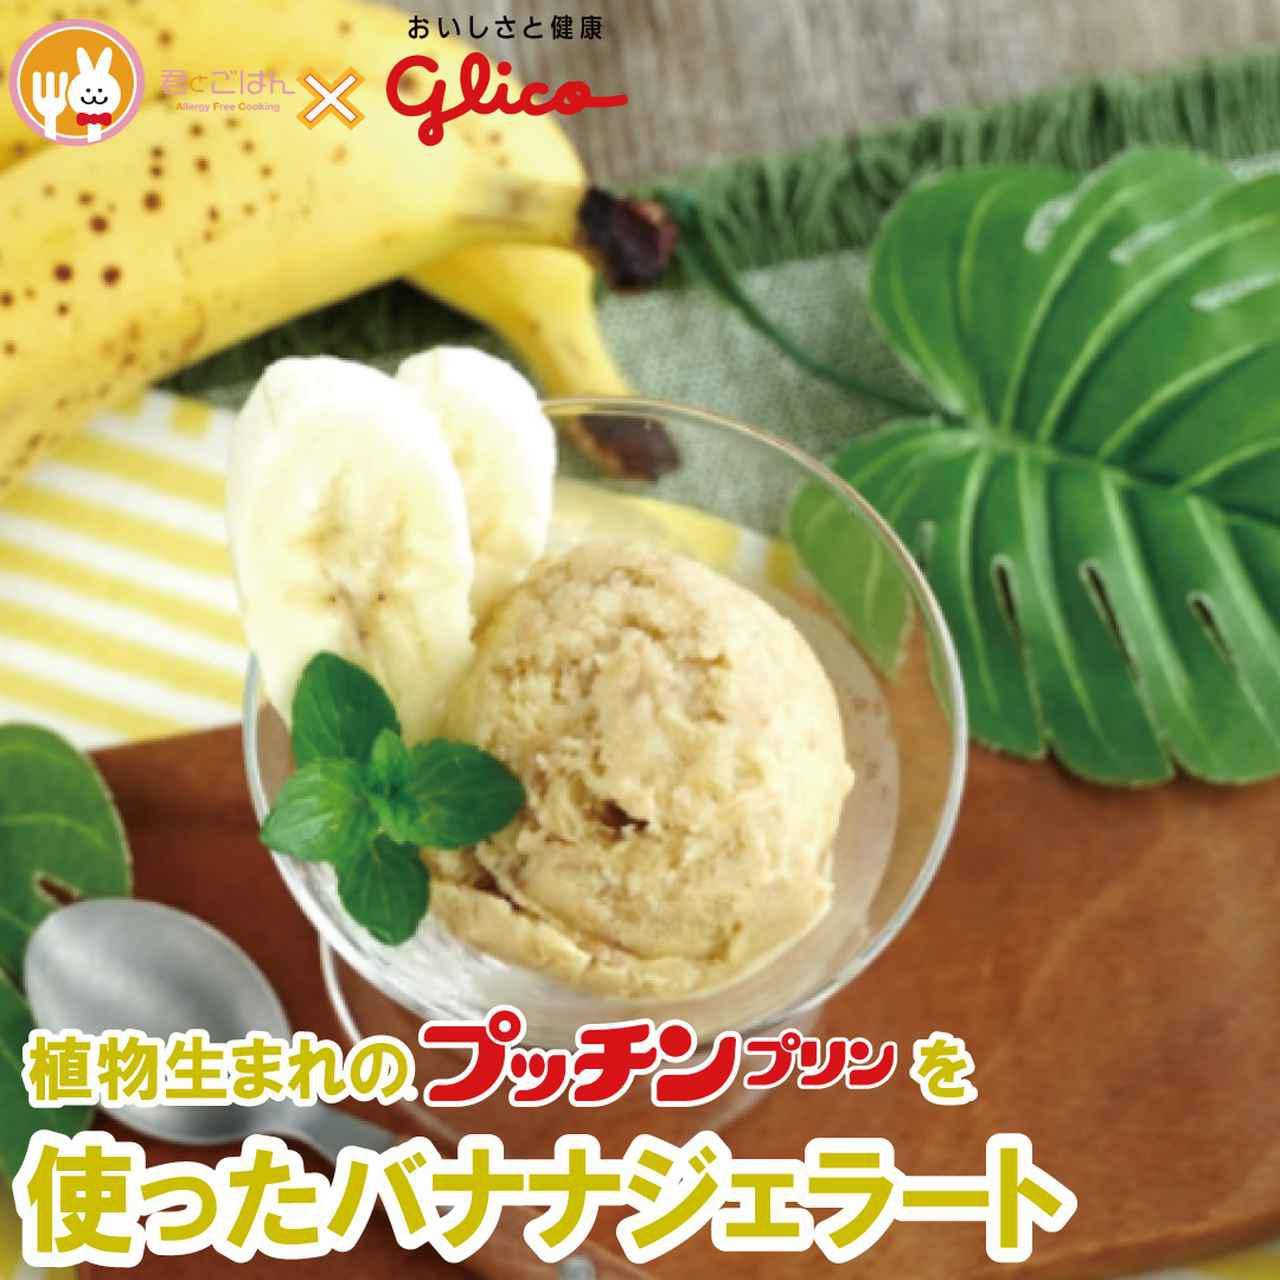 画像: 植物生まれのプッチンプリンを使ったバナナジェラート - 君とごはん